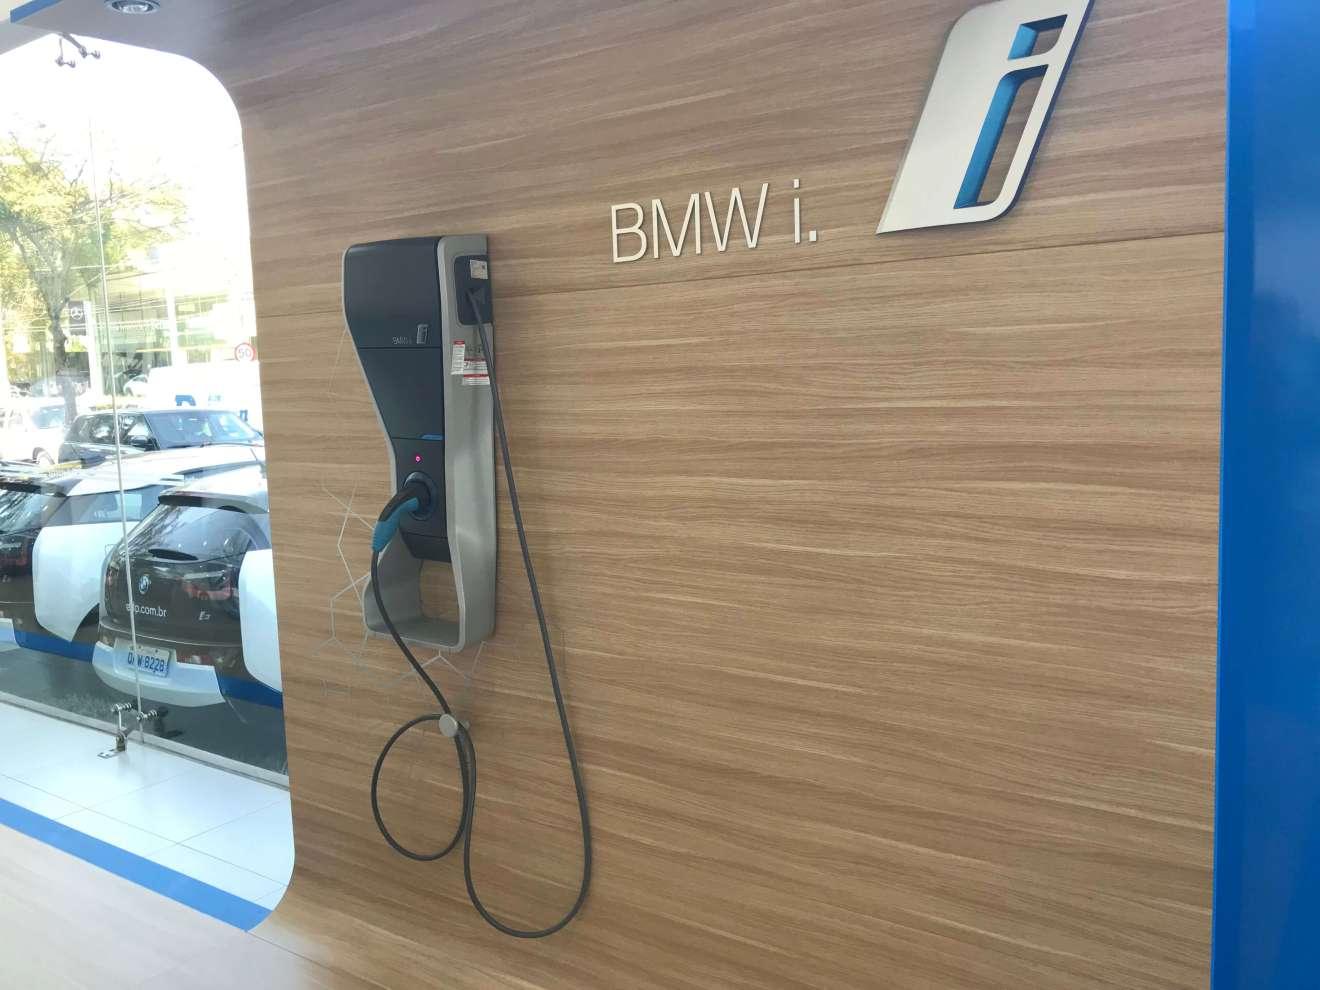 Equipamento de carregamento de carros eletricos - Showmetech